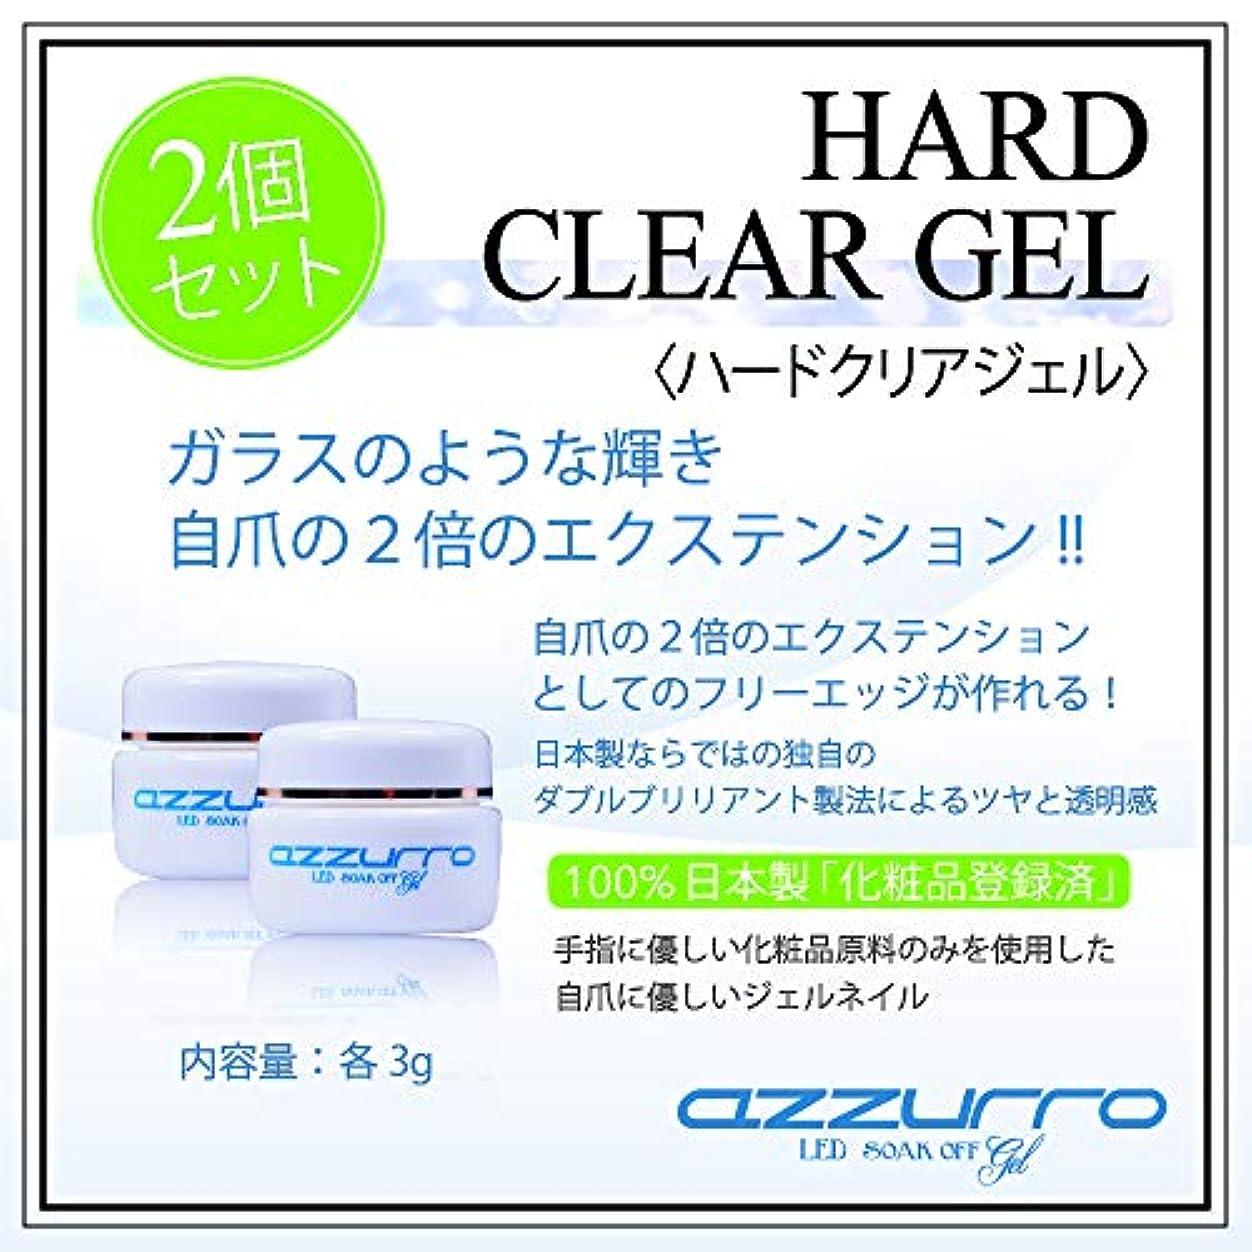 影響大きさ公爵azzurro gel アッズーロハードクリアージェル 3g お得な2個セット キラキラ感持続 抜群のツヤ